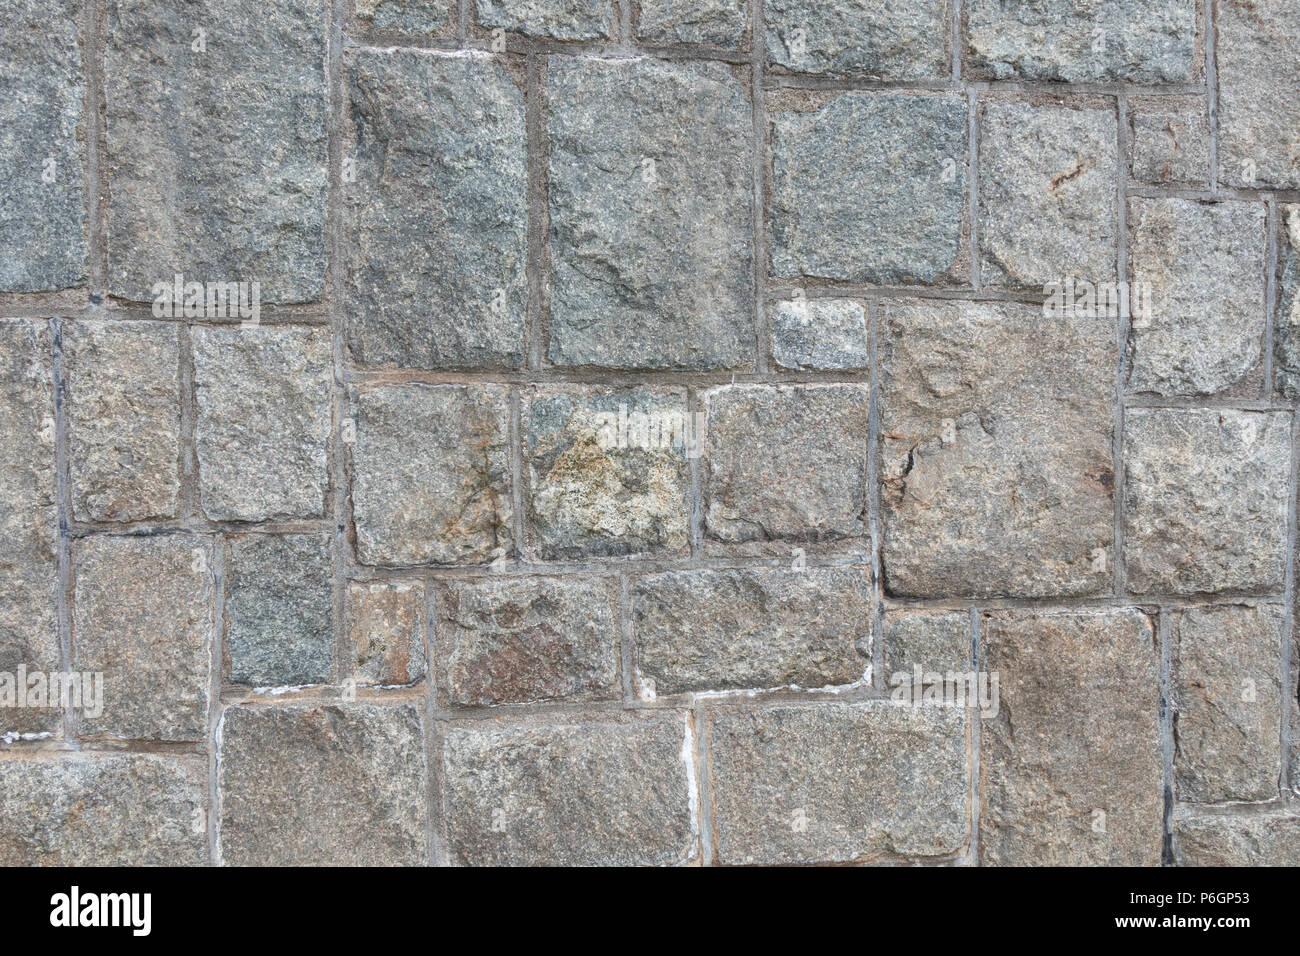 Le piastrelle del pavimento in cotto e texture pattern di sfondo per